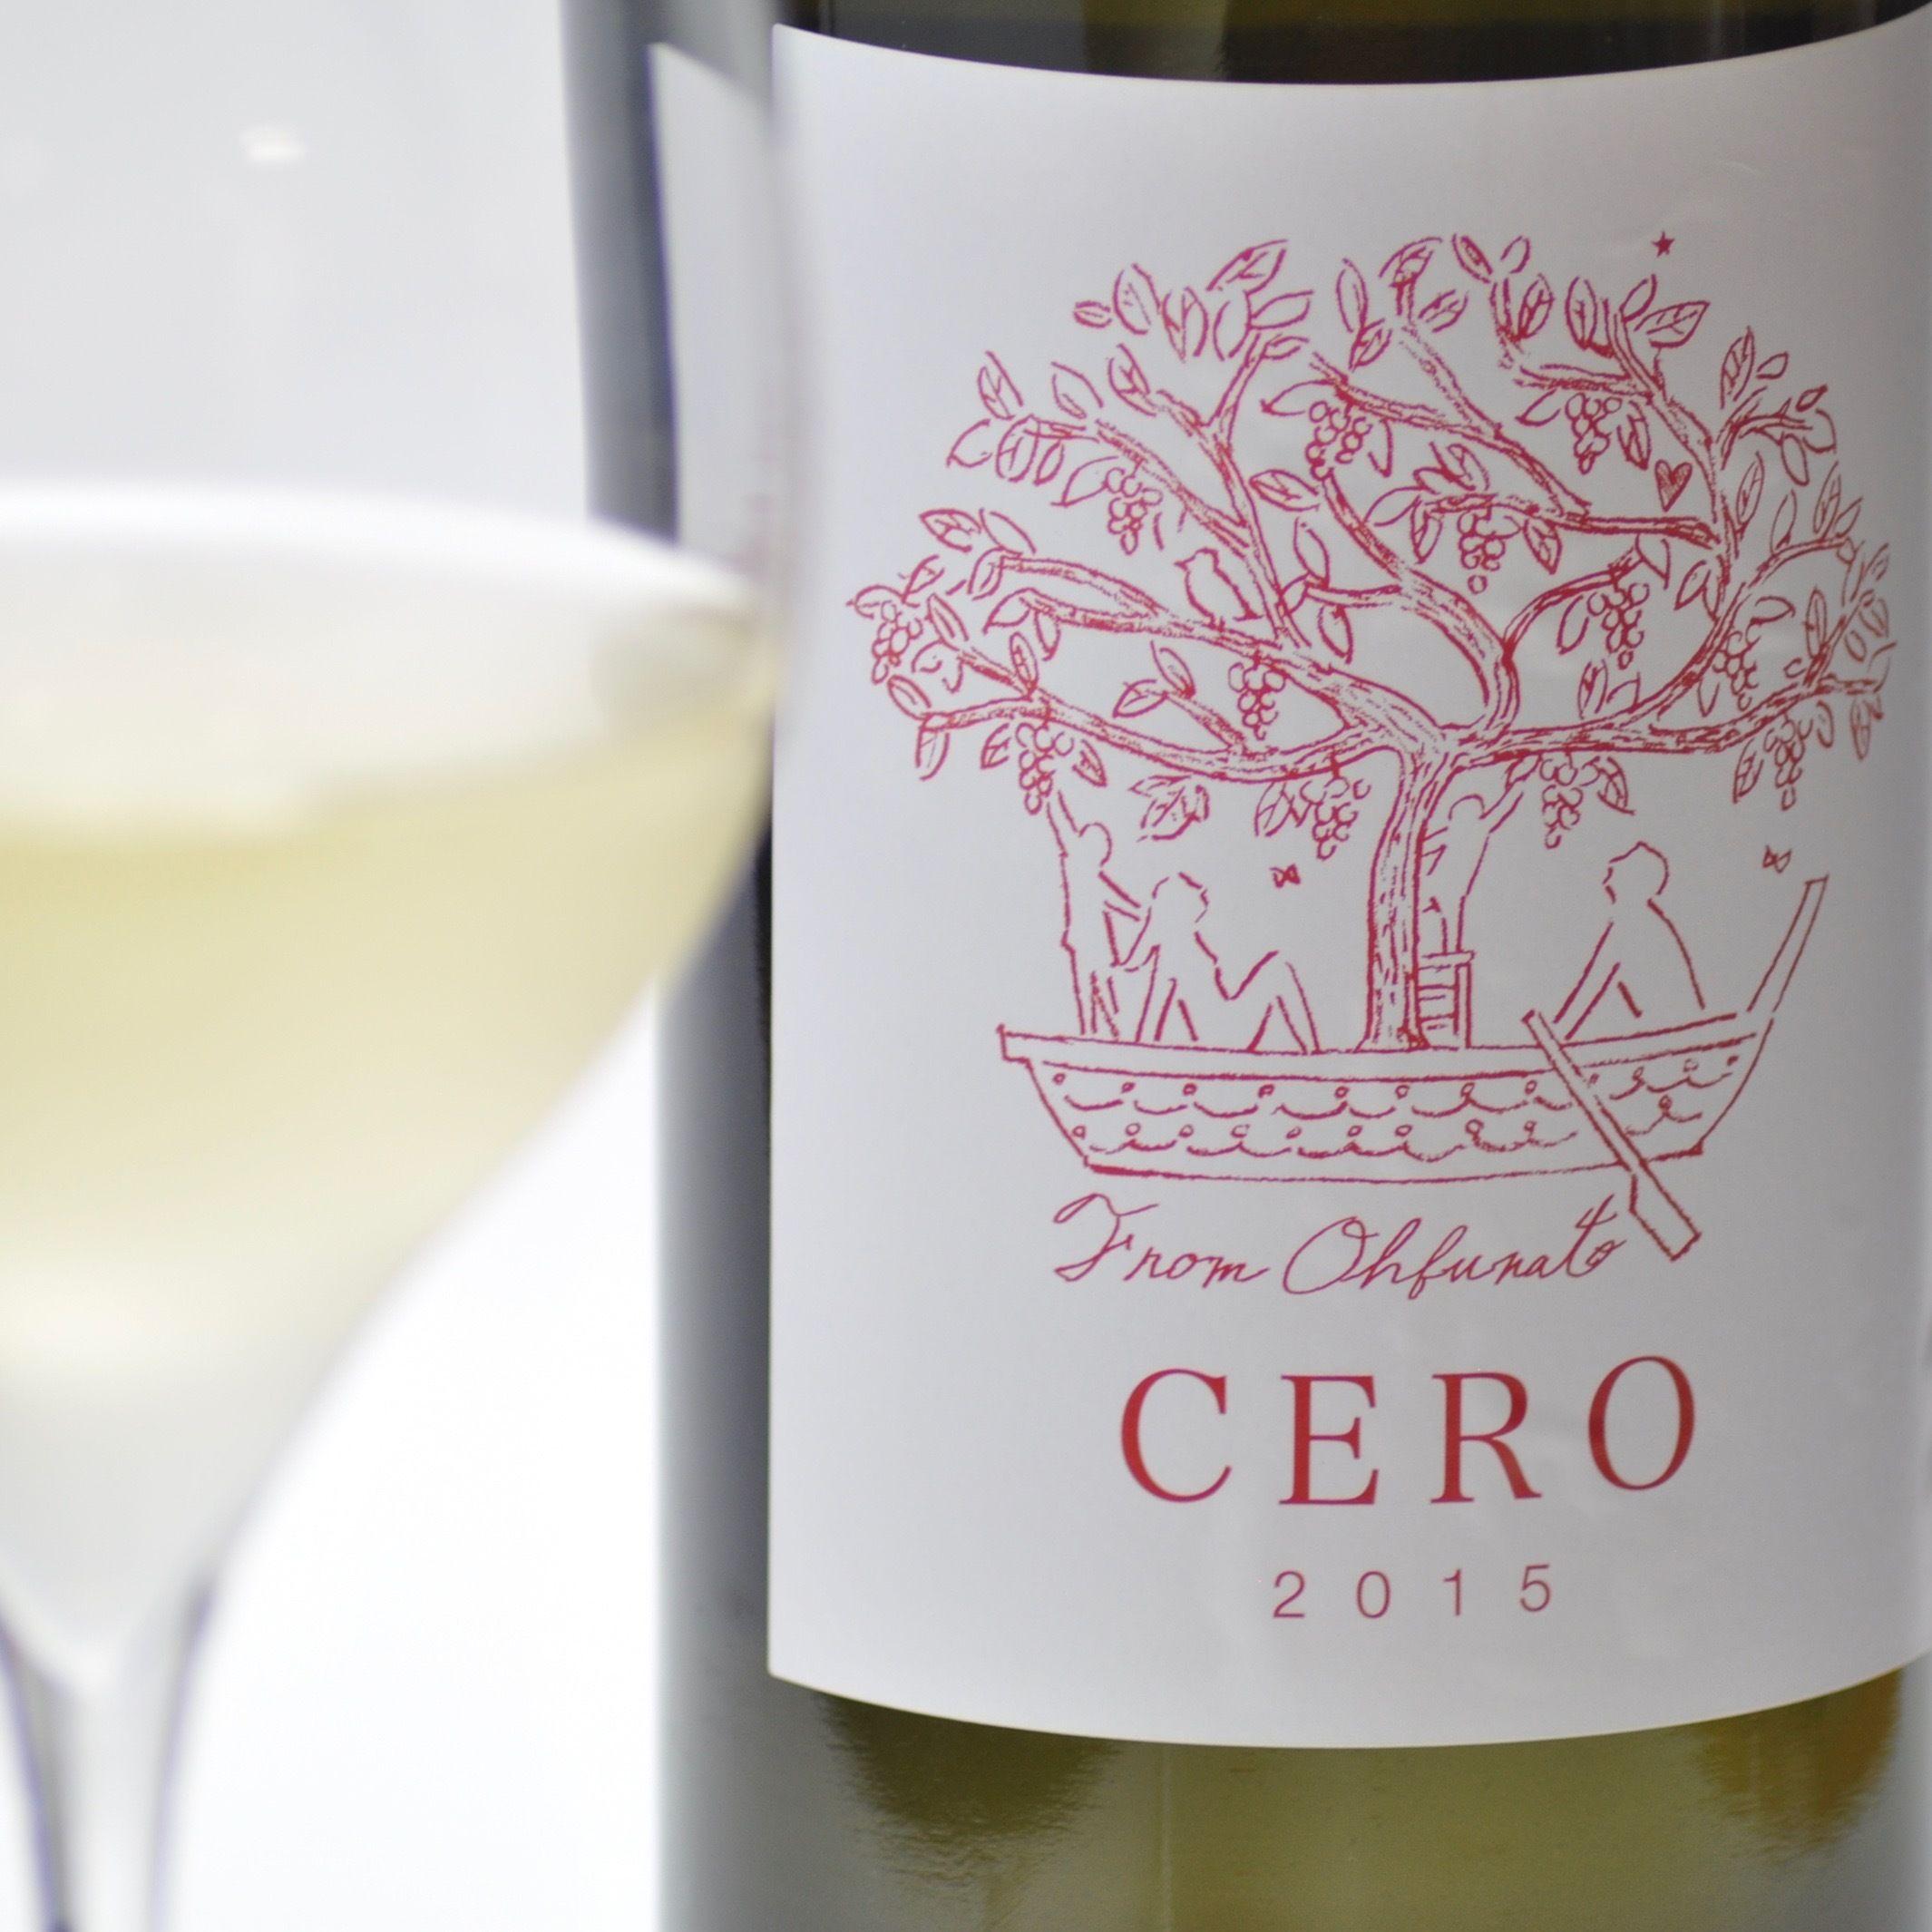 白ワイン「CERO 2015」を本日リリース。